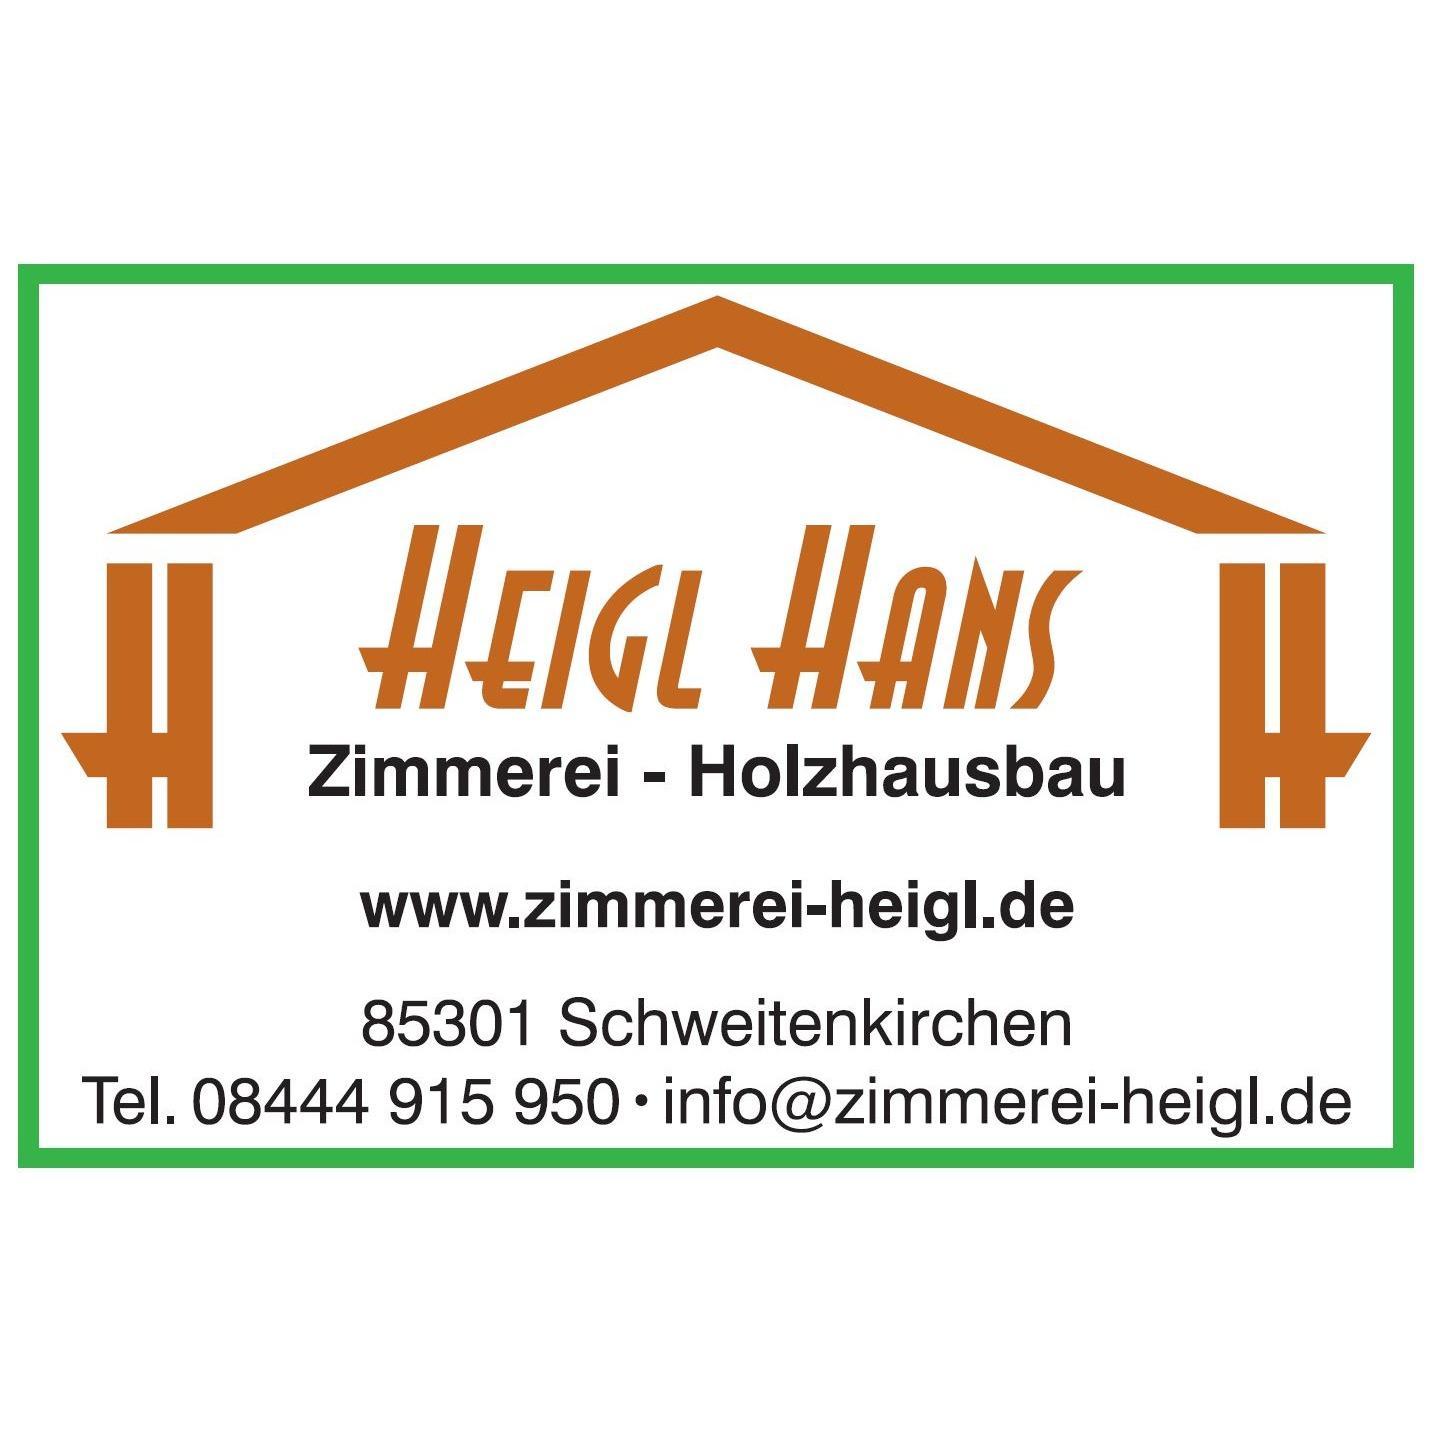 Bild zu Hans Heigl Zimmerei - Holzhausbau in Schweitenkirchen